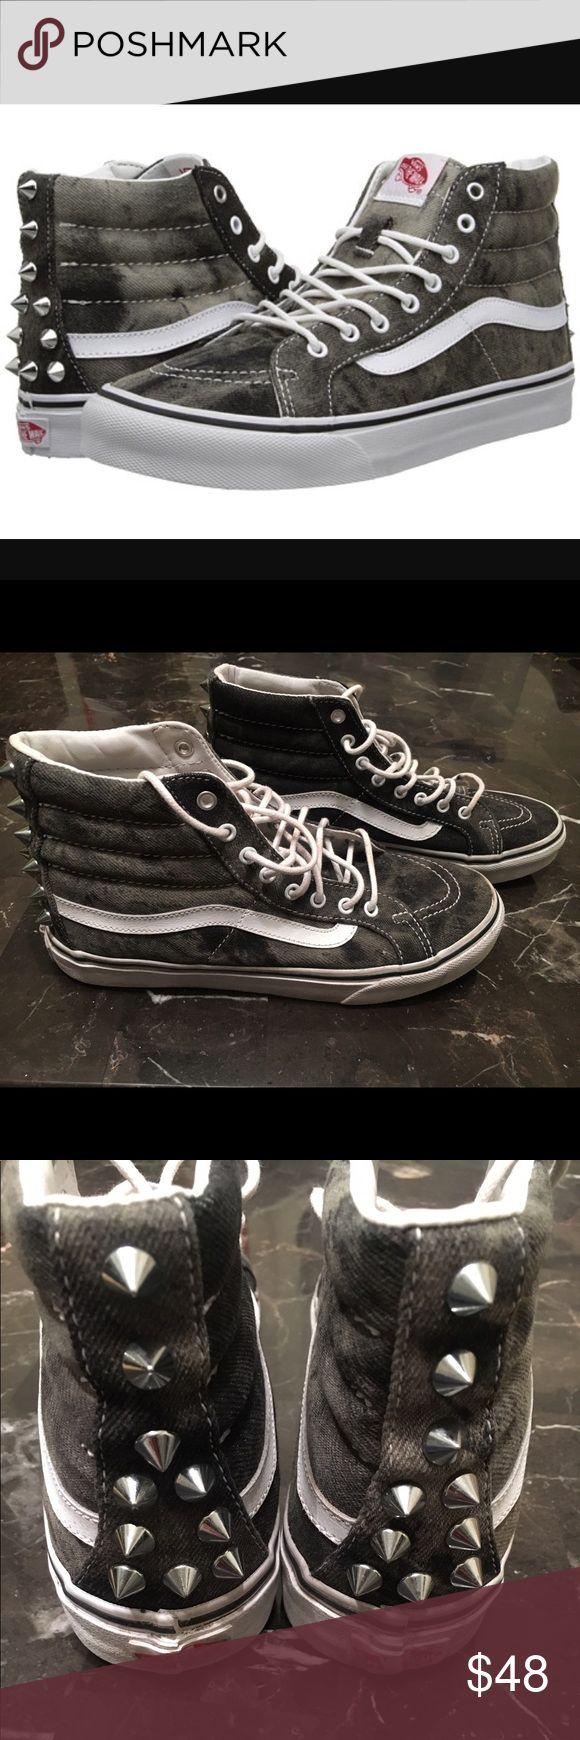 Vans sk8 hi top acid wash studded vans 7.5 Men's size 6 Womens 7.5 EUC Vans Shoes Sneakers